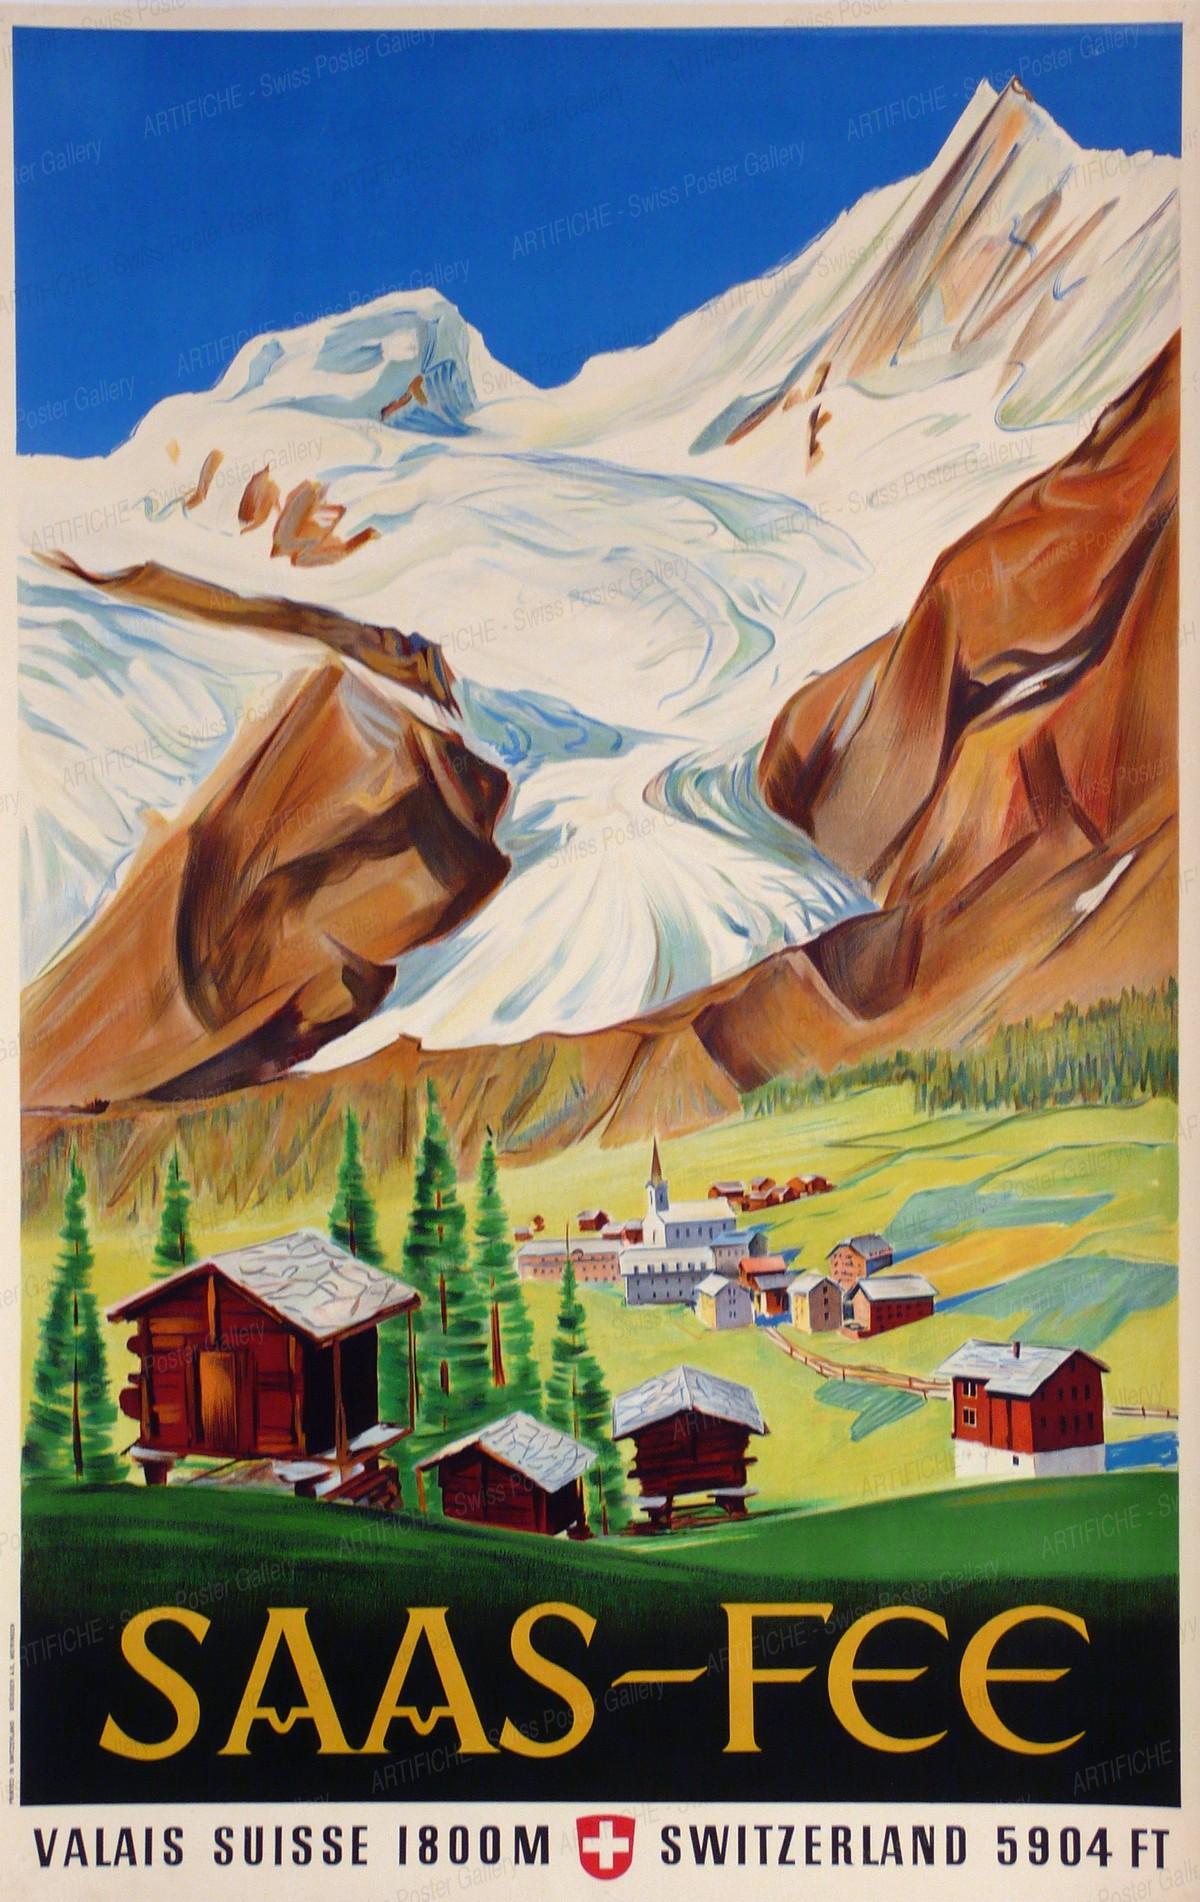 SAAS-FEE – Valais – Suisse – 1800 m – Switzerland – 5904 ft, Artist unknown